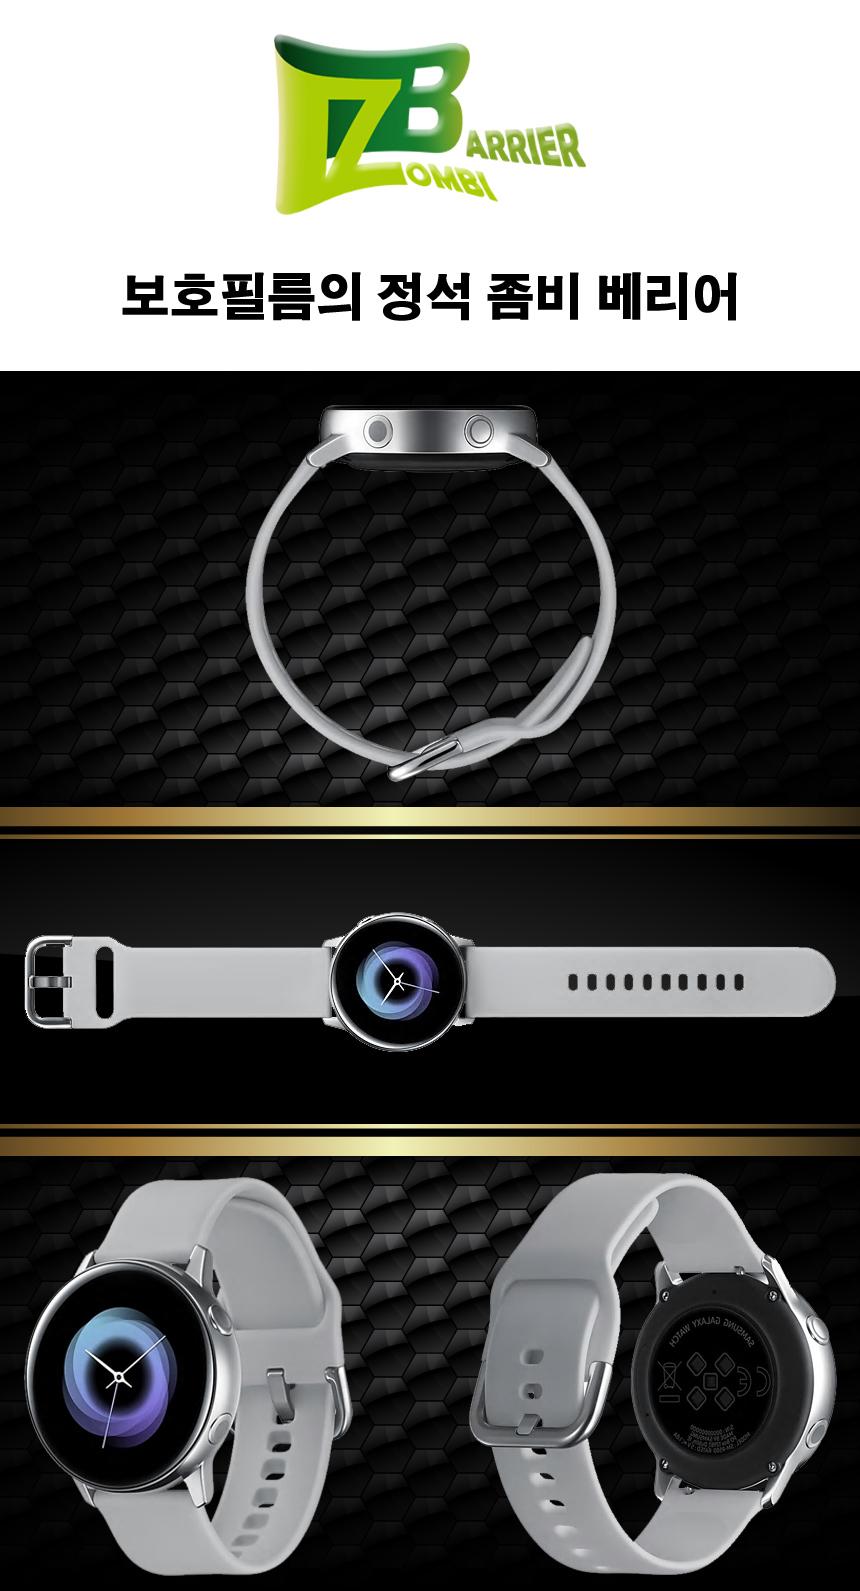 갤럭시 워치 액티브 액정+측후면 보호필름 - 좀비베리어, 6,400원, 스마트워치/밴드, 스마트워치 보호필름